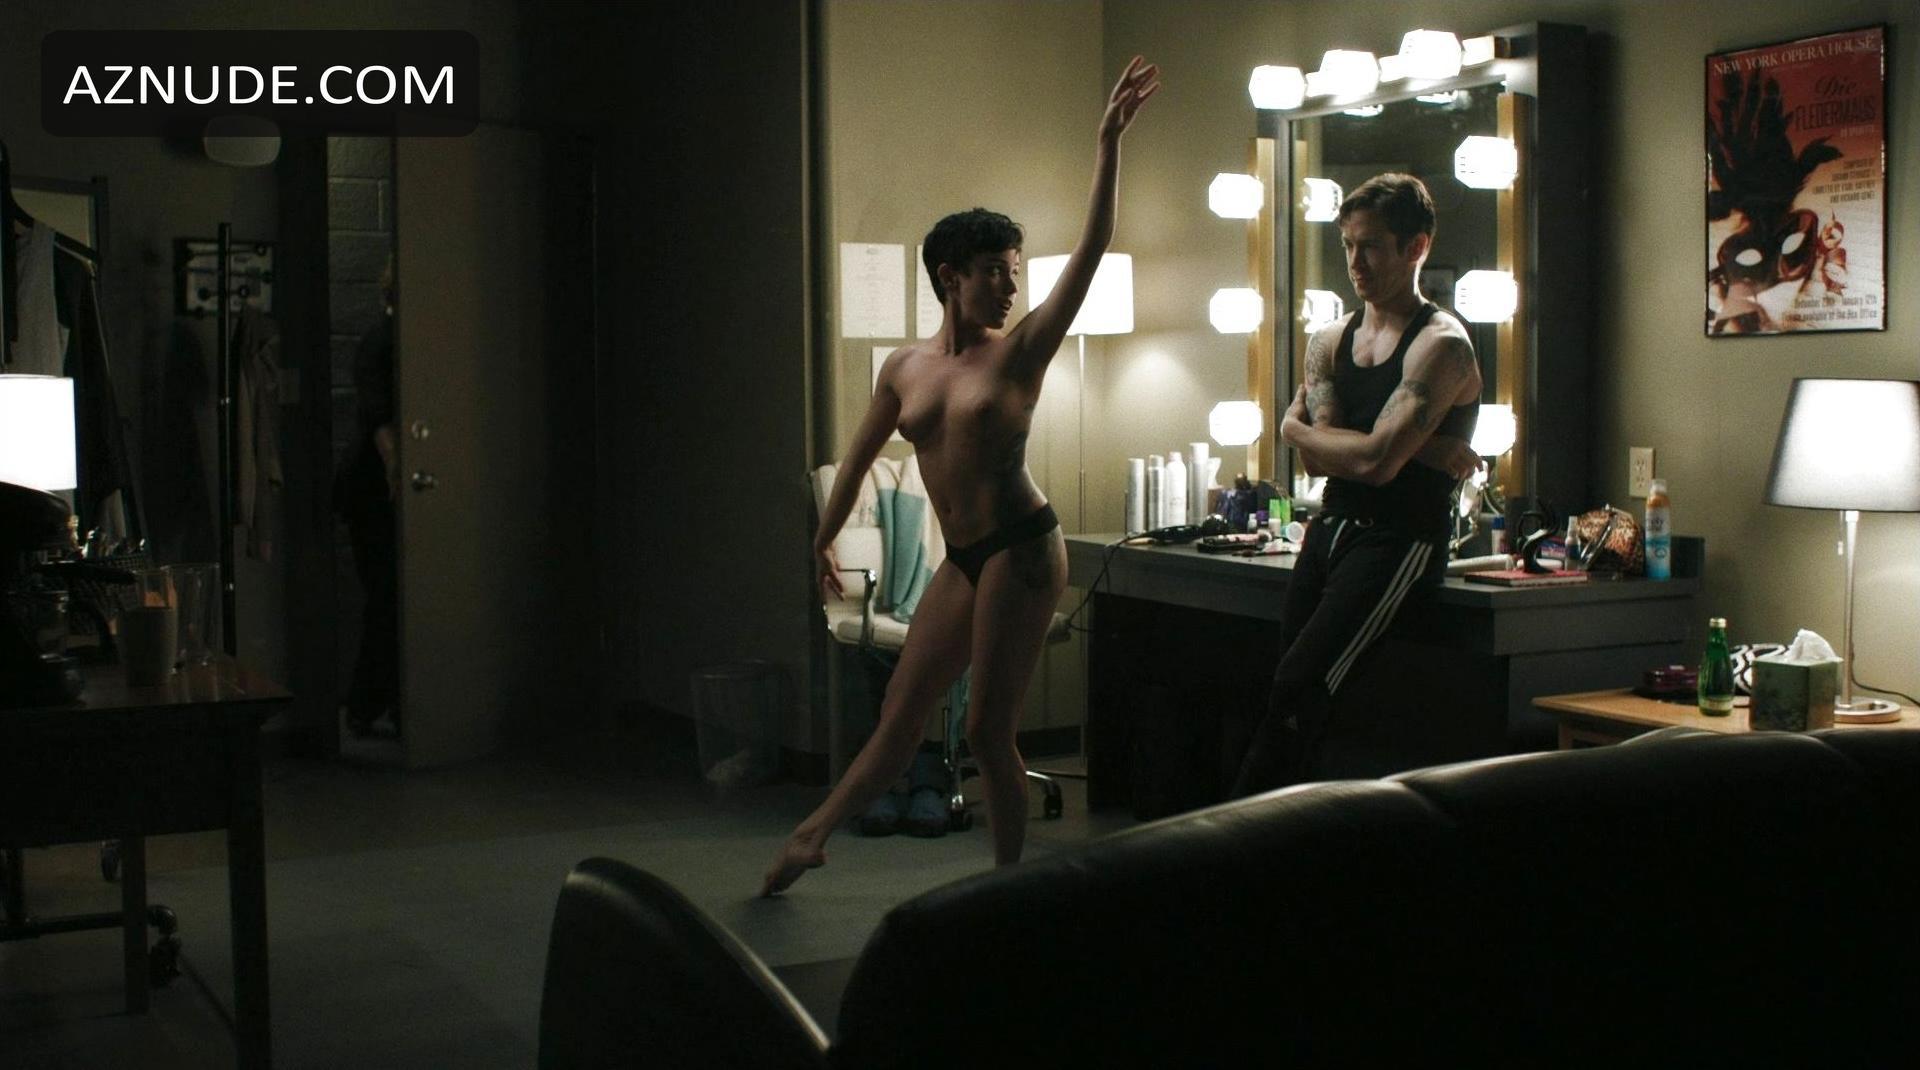 Raychel diane weiner nude